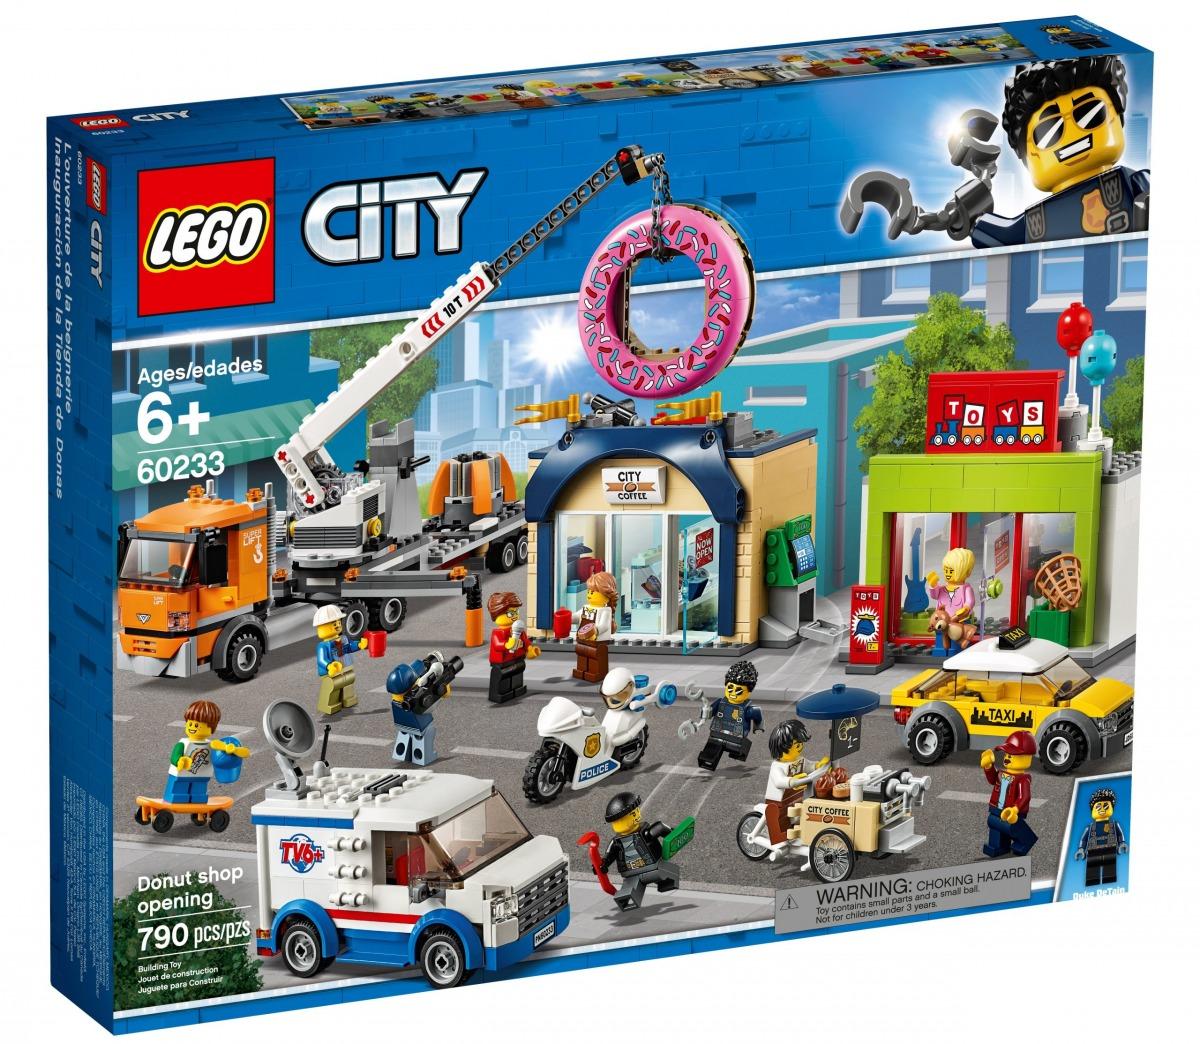 lego 60233 donut shop opening scaled